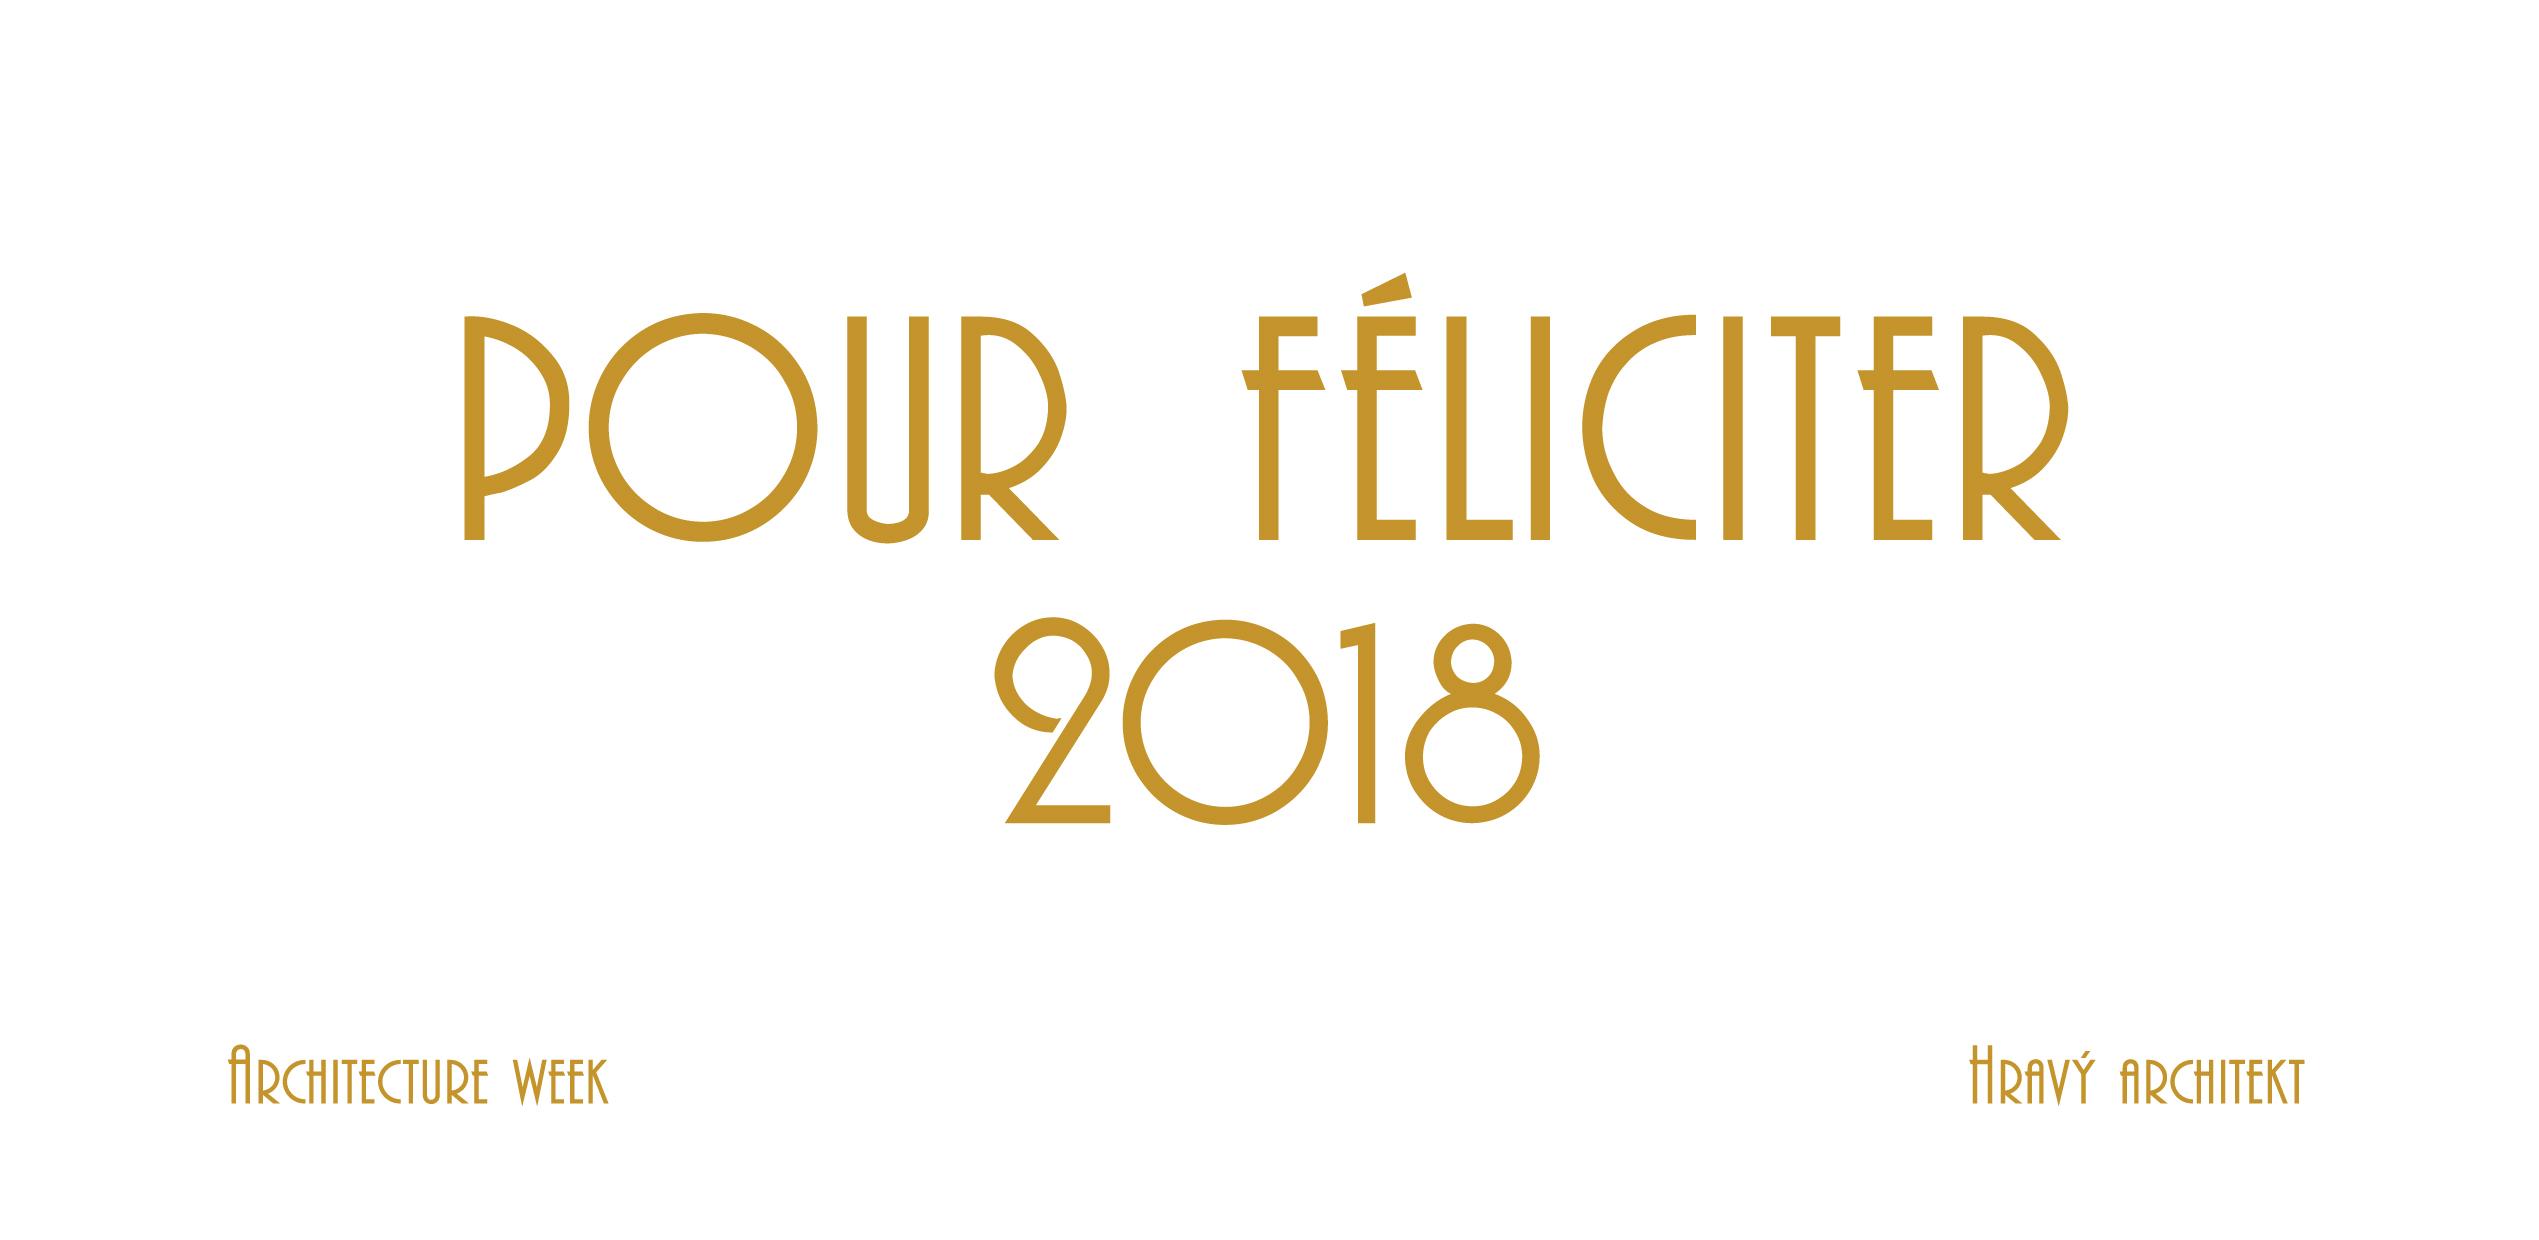 Pout Féliciter 2018